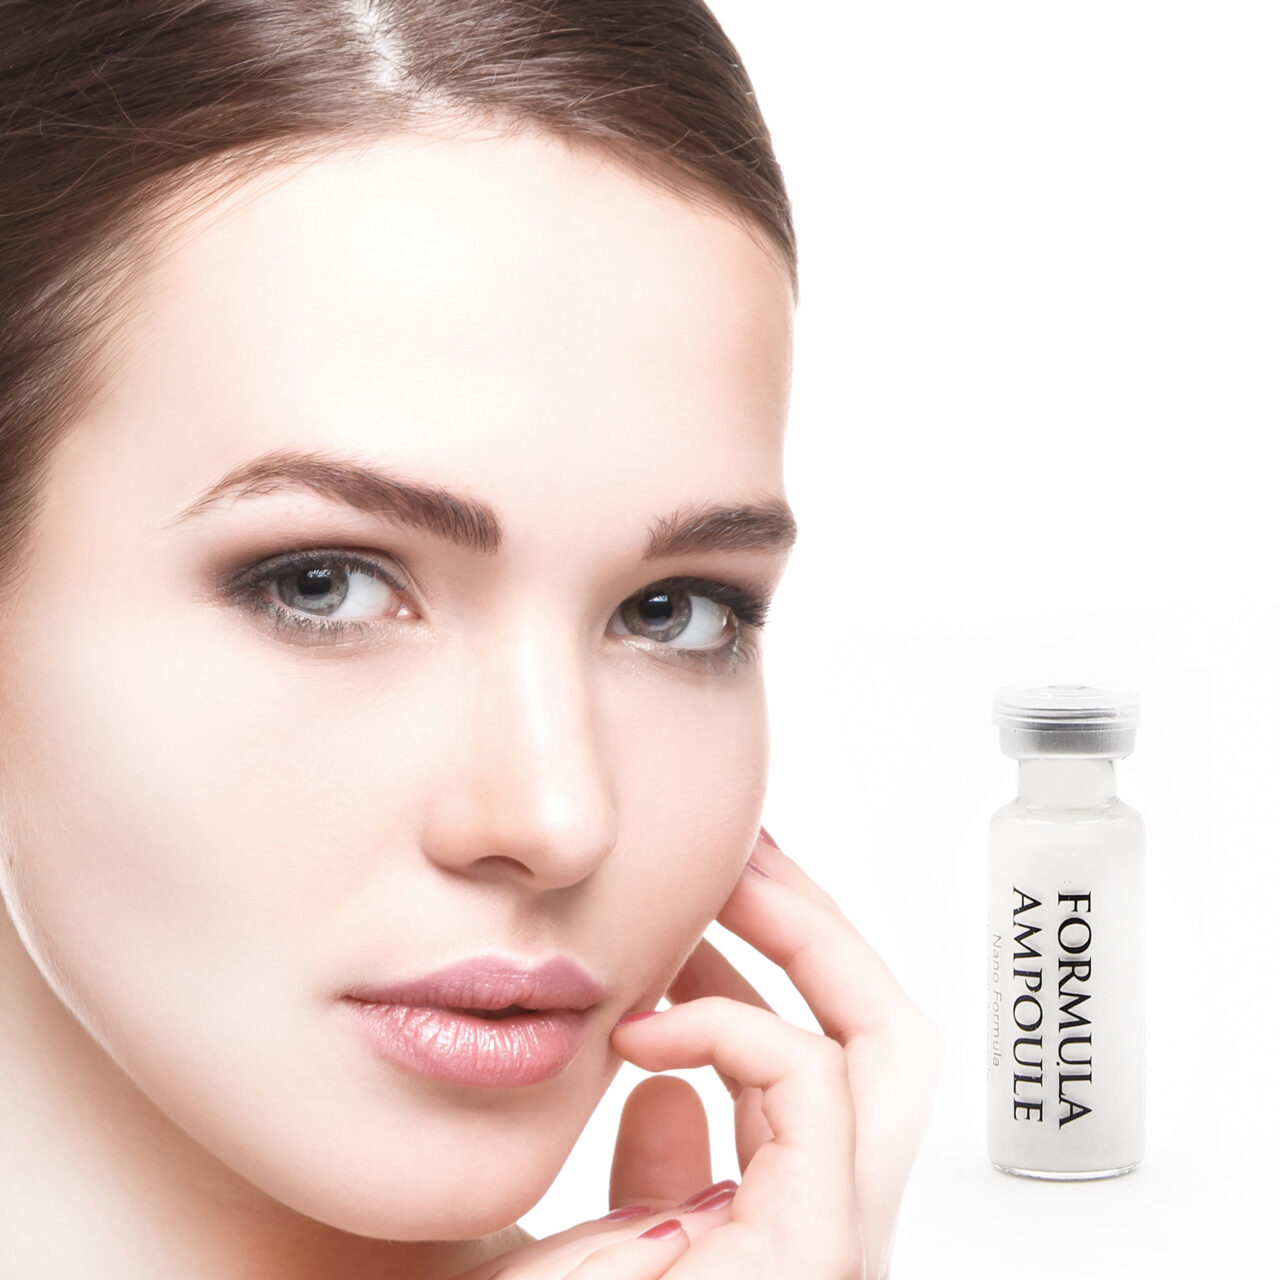 seminar_skin_whitening_swiss_cosmetic